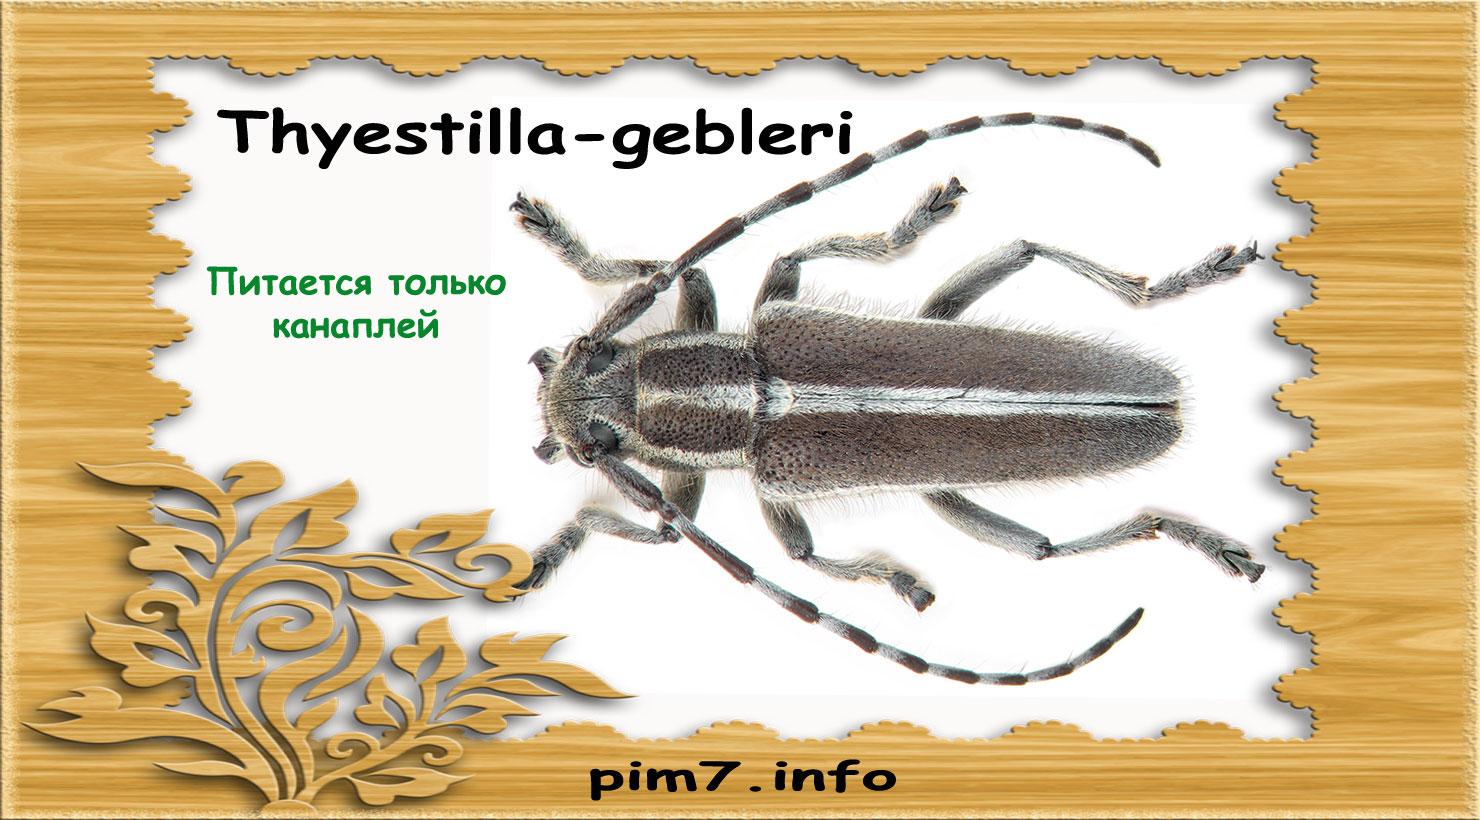 Изображение жука Thyestilla-gebleri